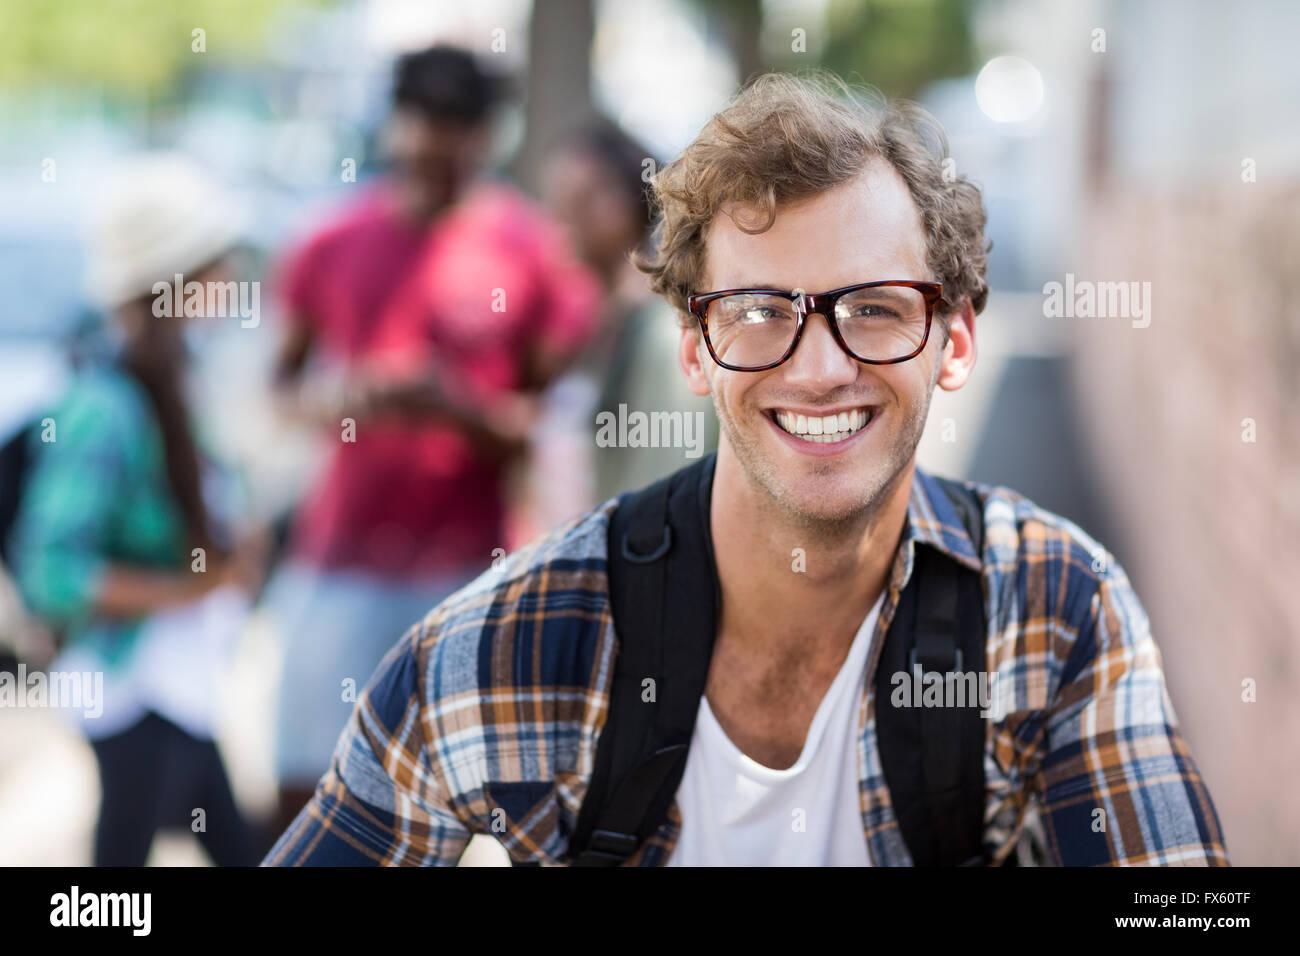 Retrato de joven sonriente Imagen De Stock